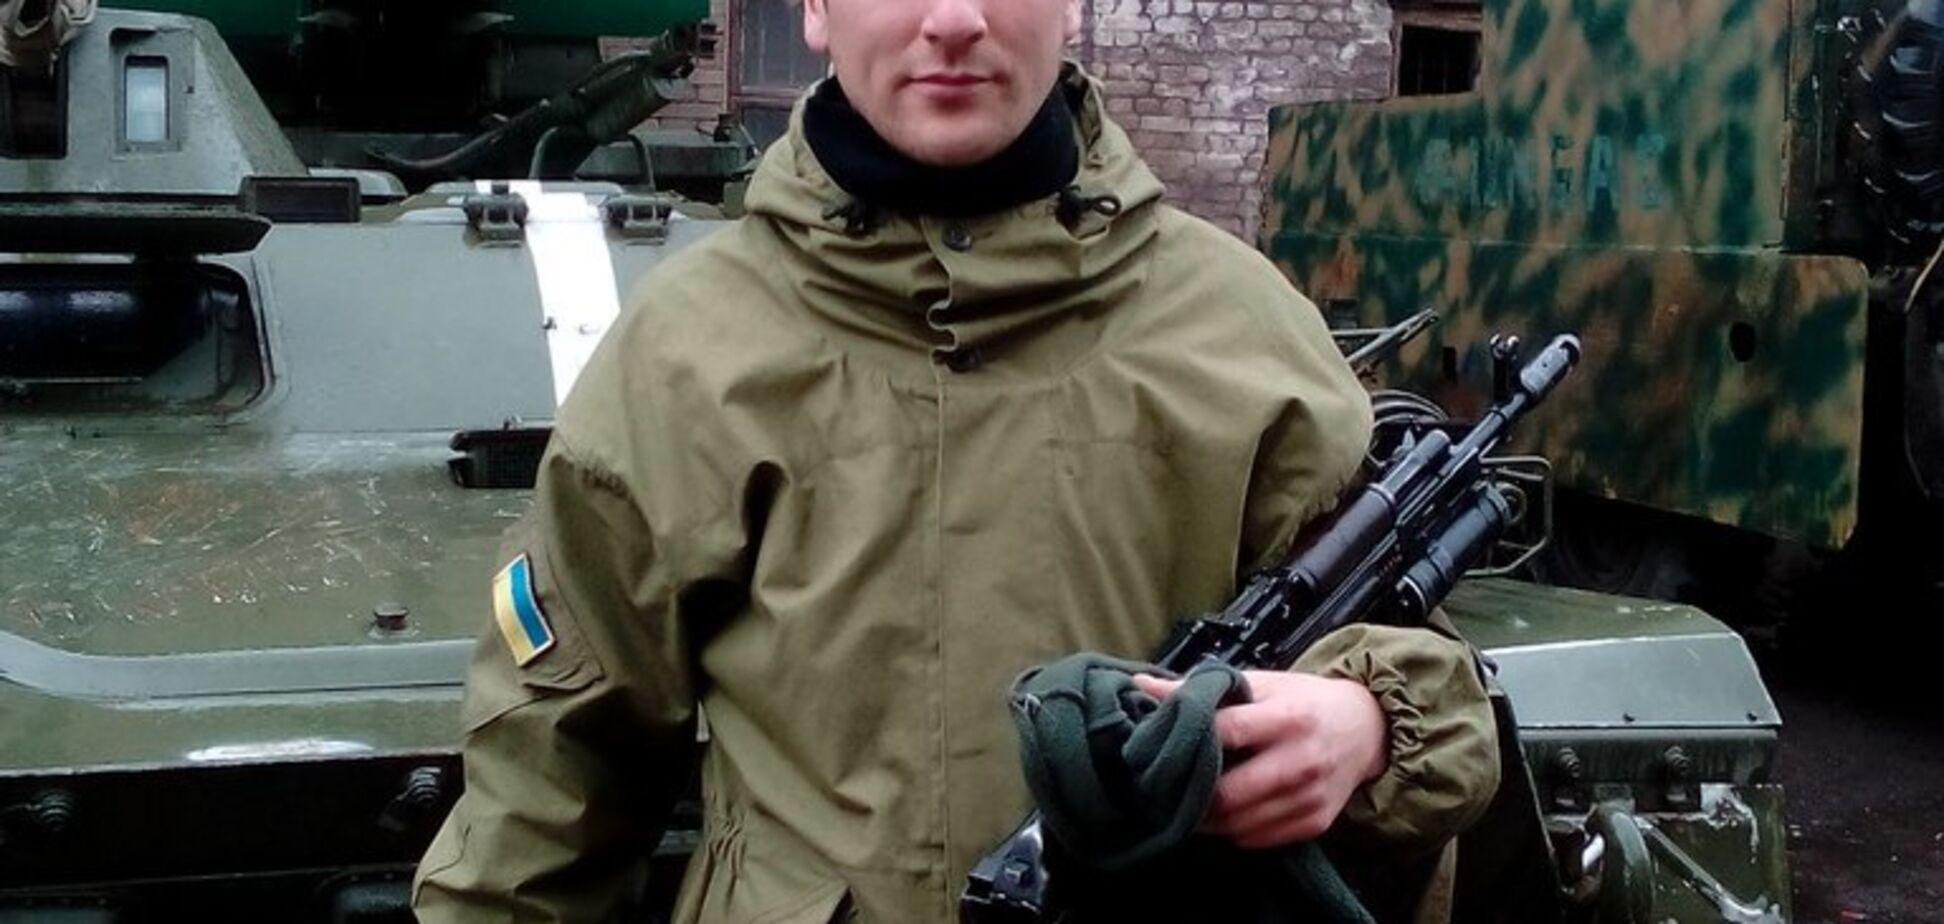 ''Штурмовать и выселять'': ветеран АТО объяснил громкое заявление о Донбассе